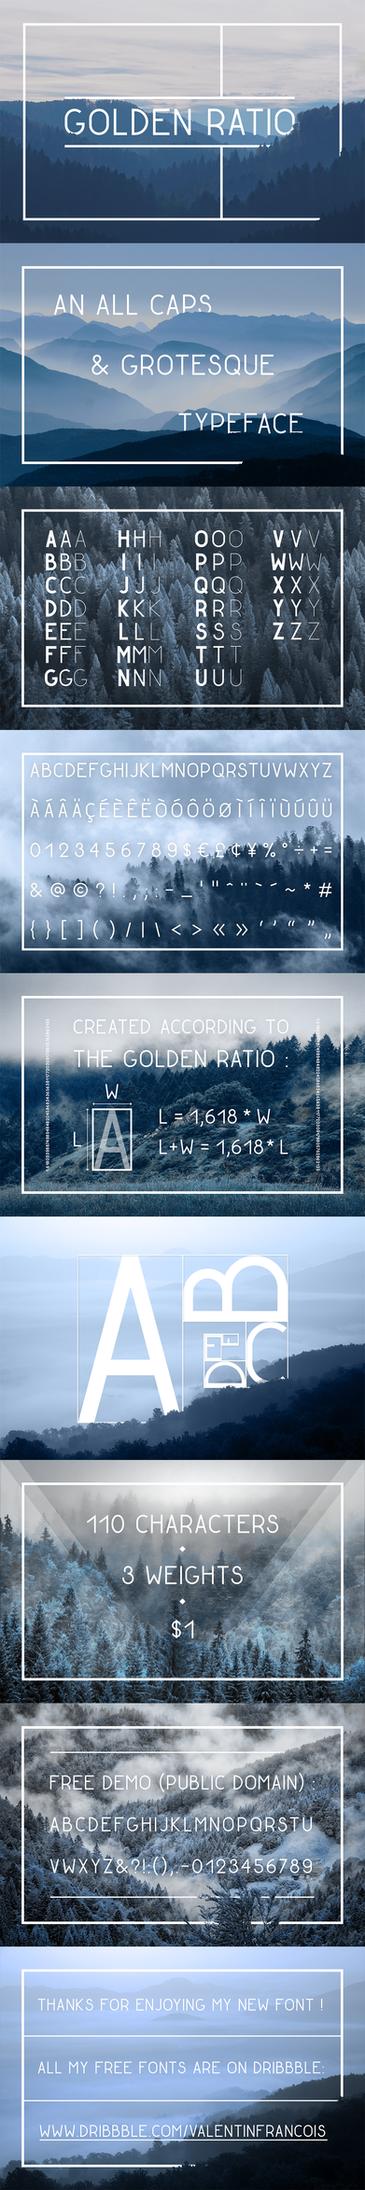 Golden Ratio Typeface by Dessins-Fantastiques